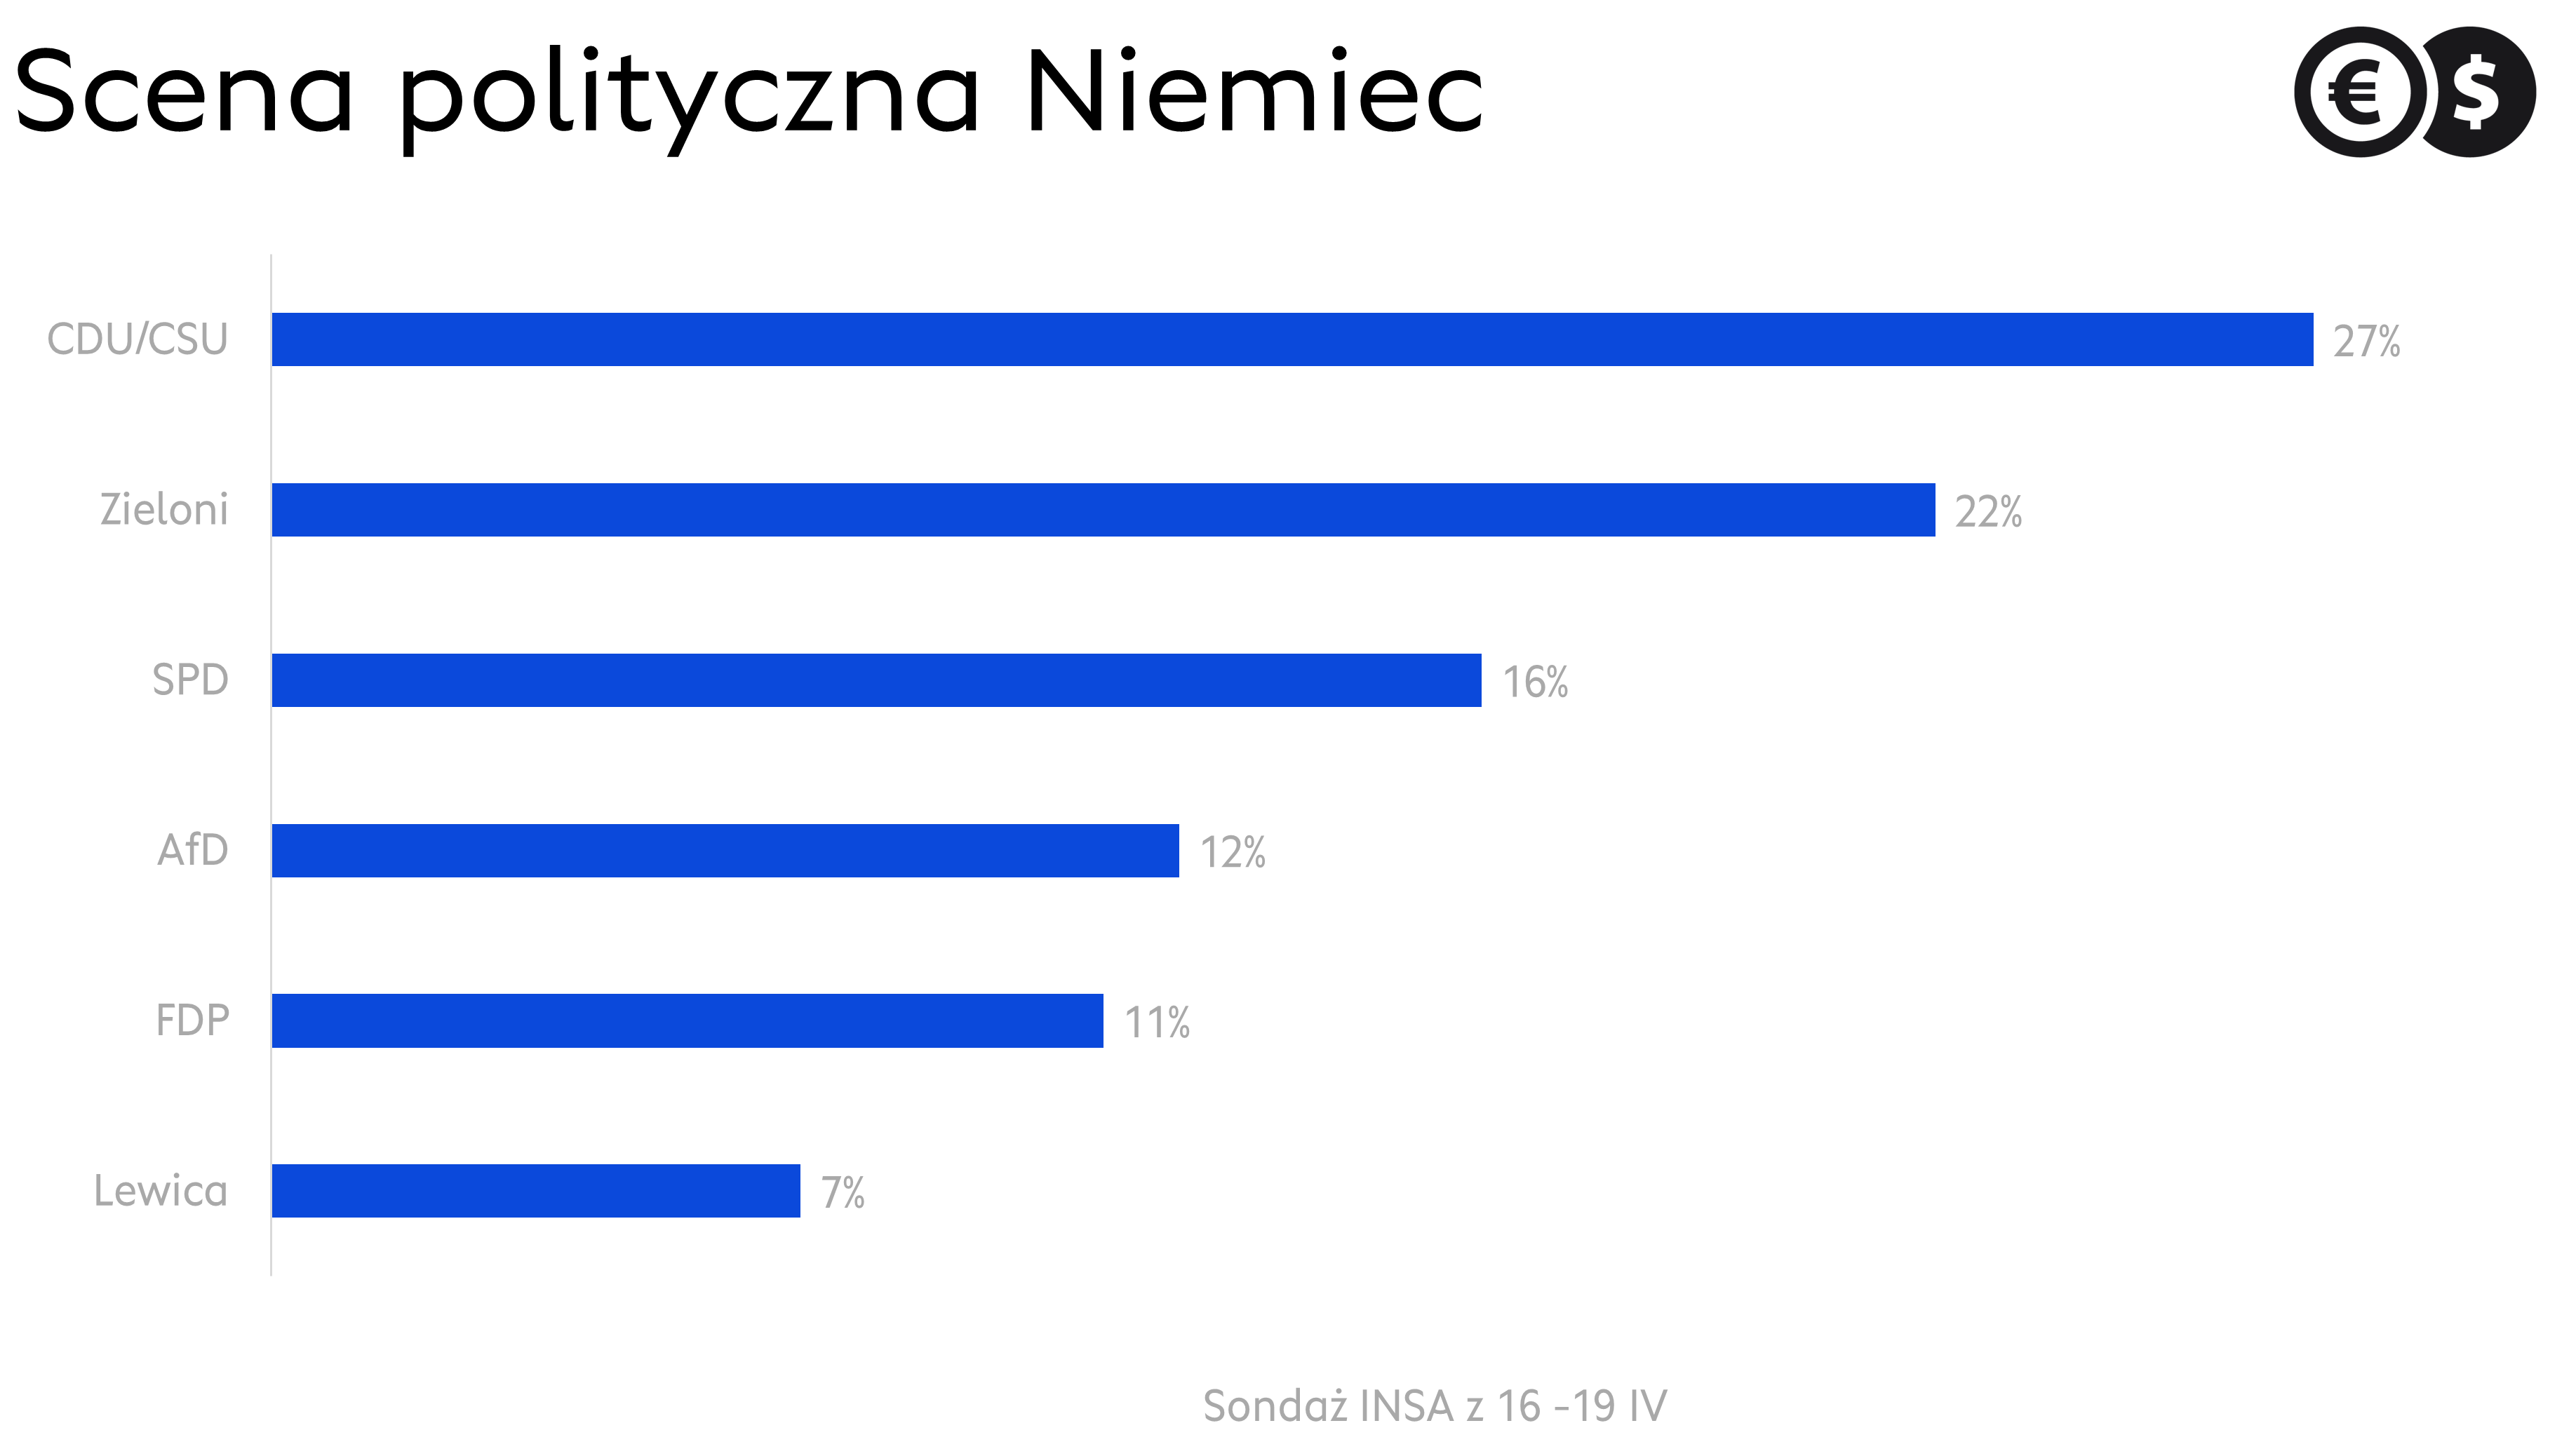 Scena polityczna Niemiec, źródło: sondaż INSA z 16-19 IV